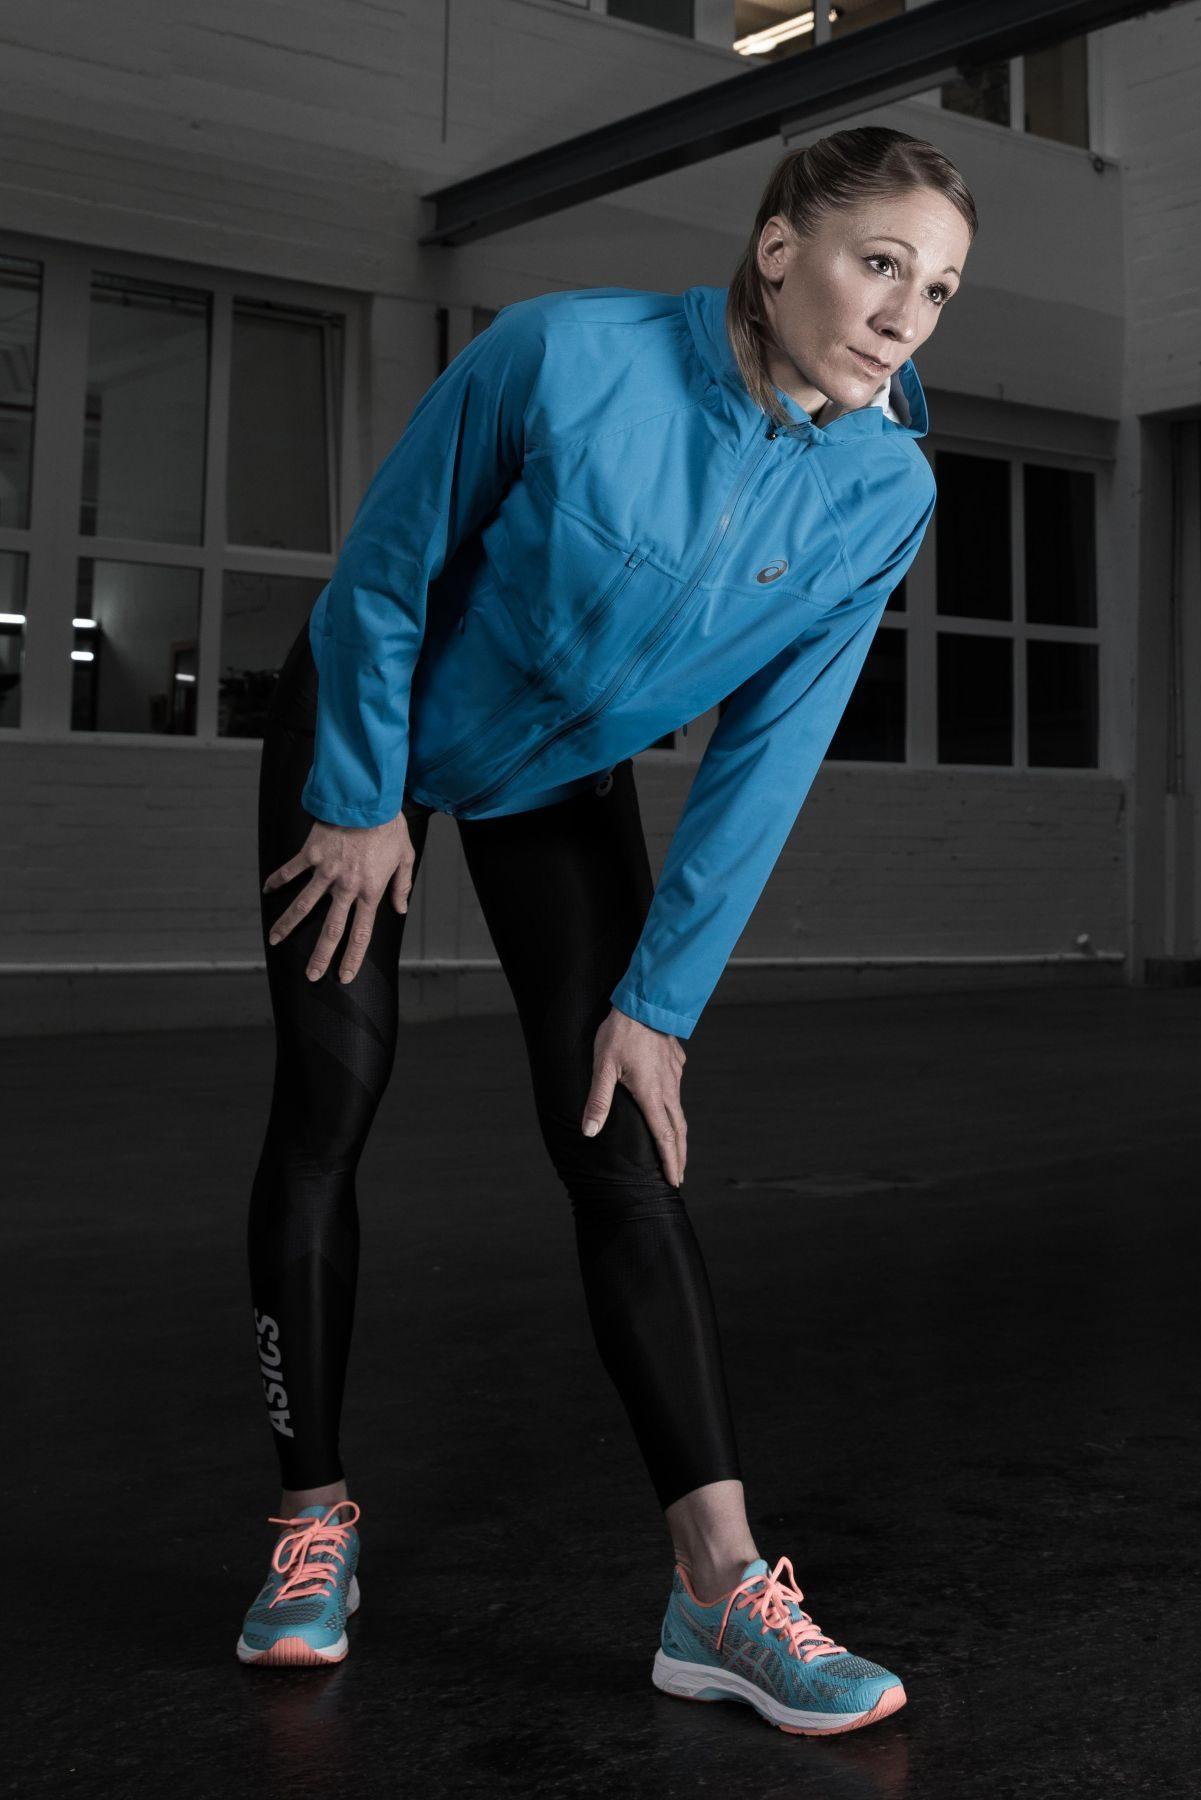 Die Tight unterstützt die Muskulatur und reduziert die Müdigkeit